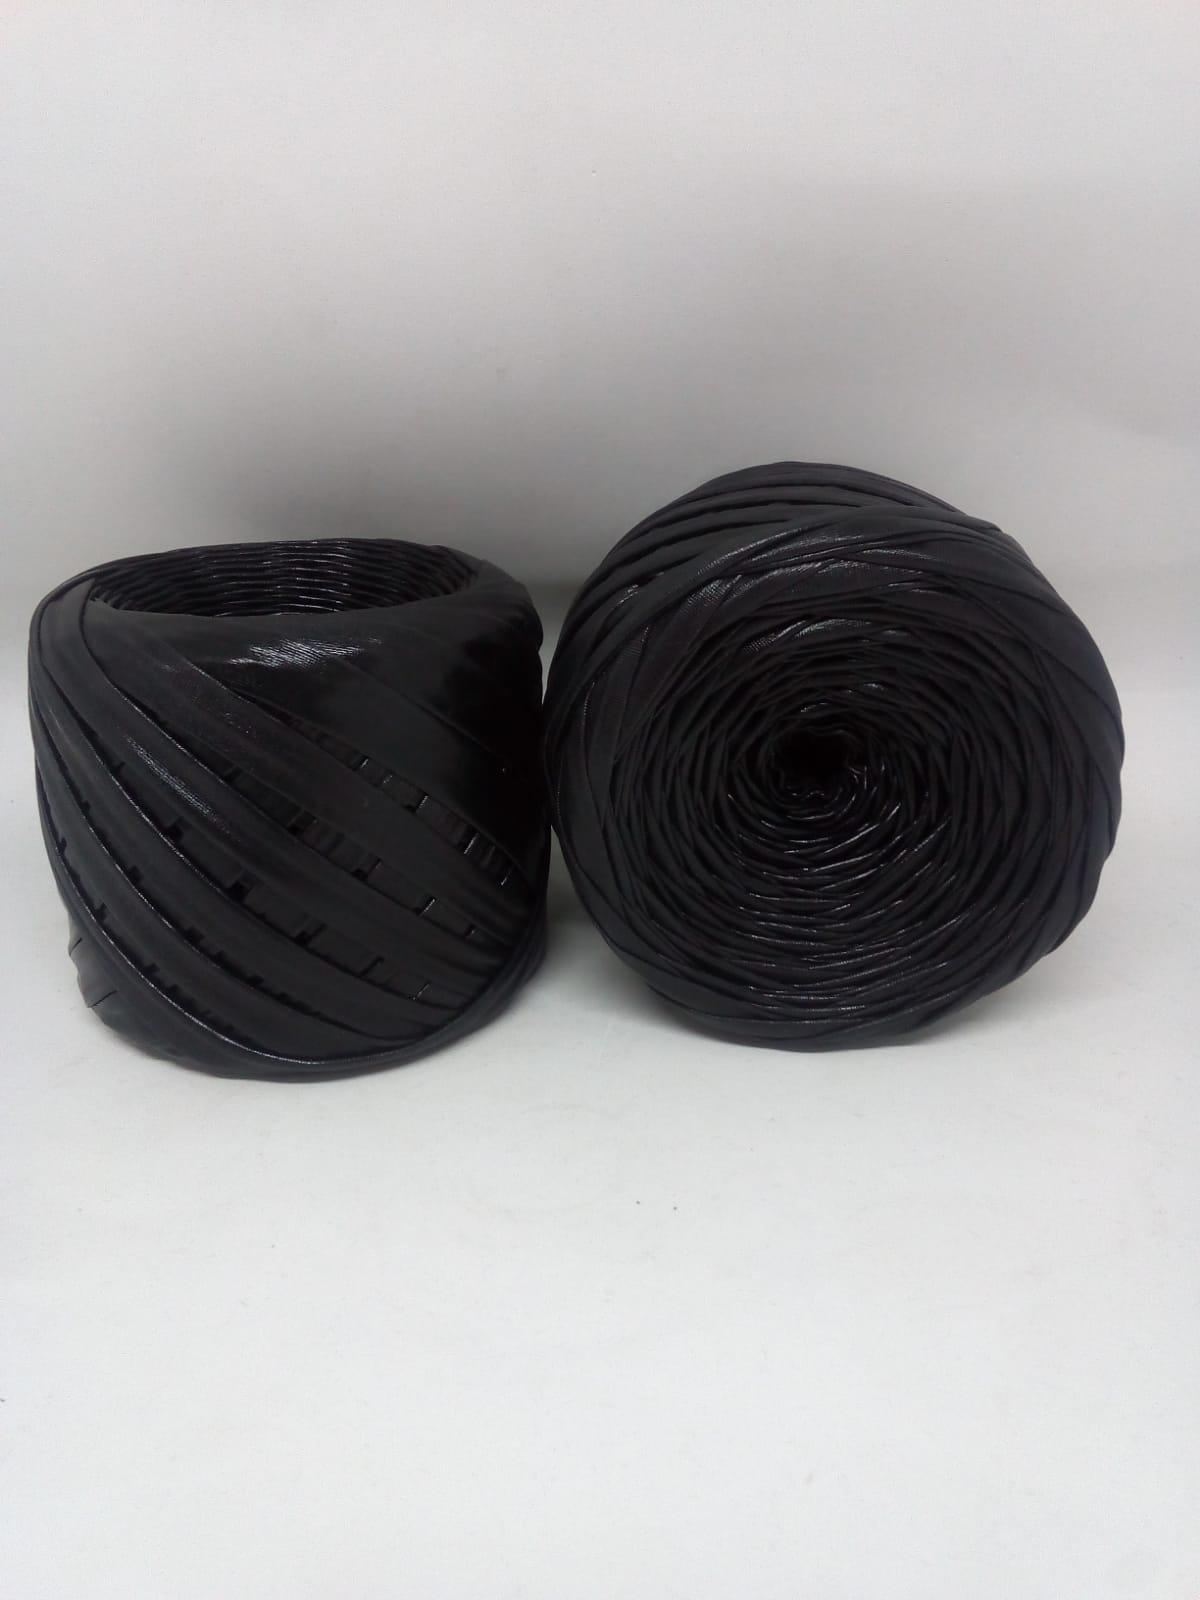 Maccaroni Metallic (Маккарони металика) 11 - черный атлас заказать в Минске с доставкой